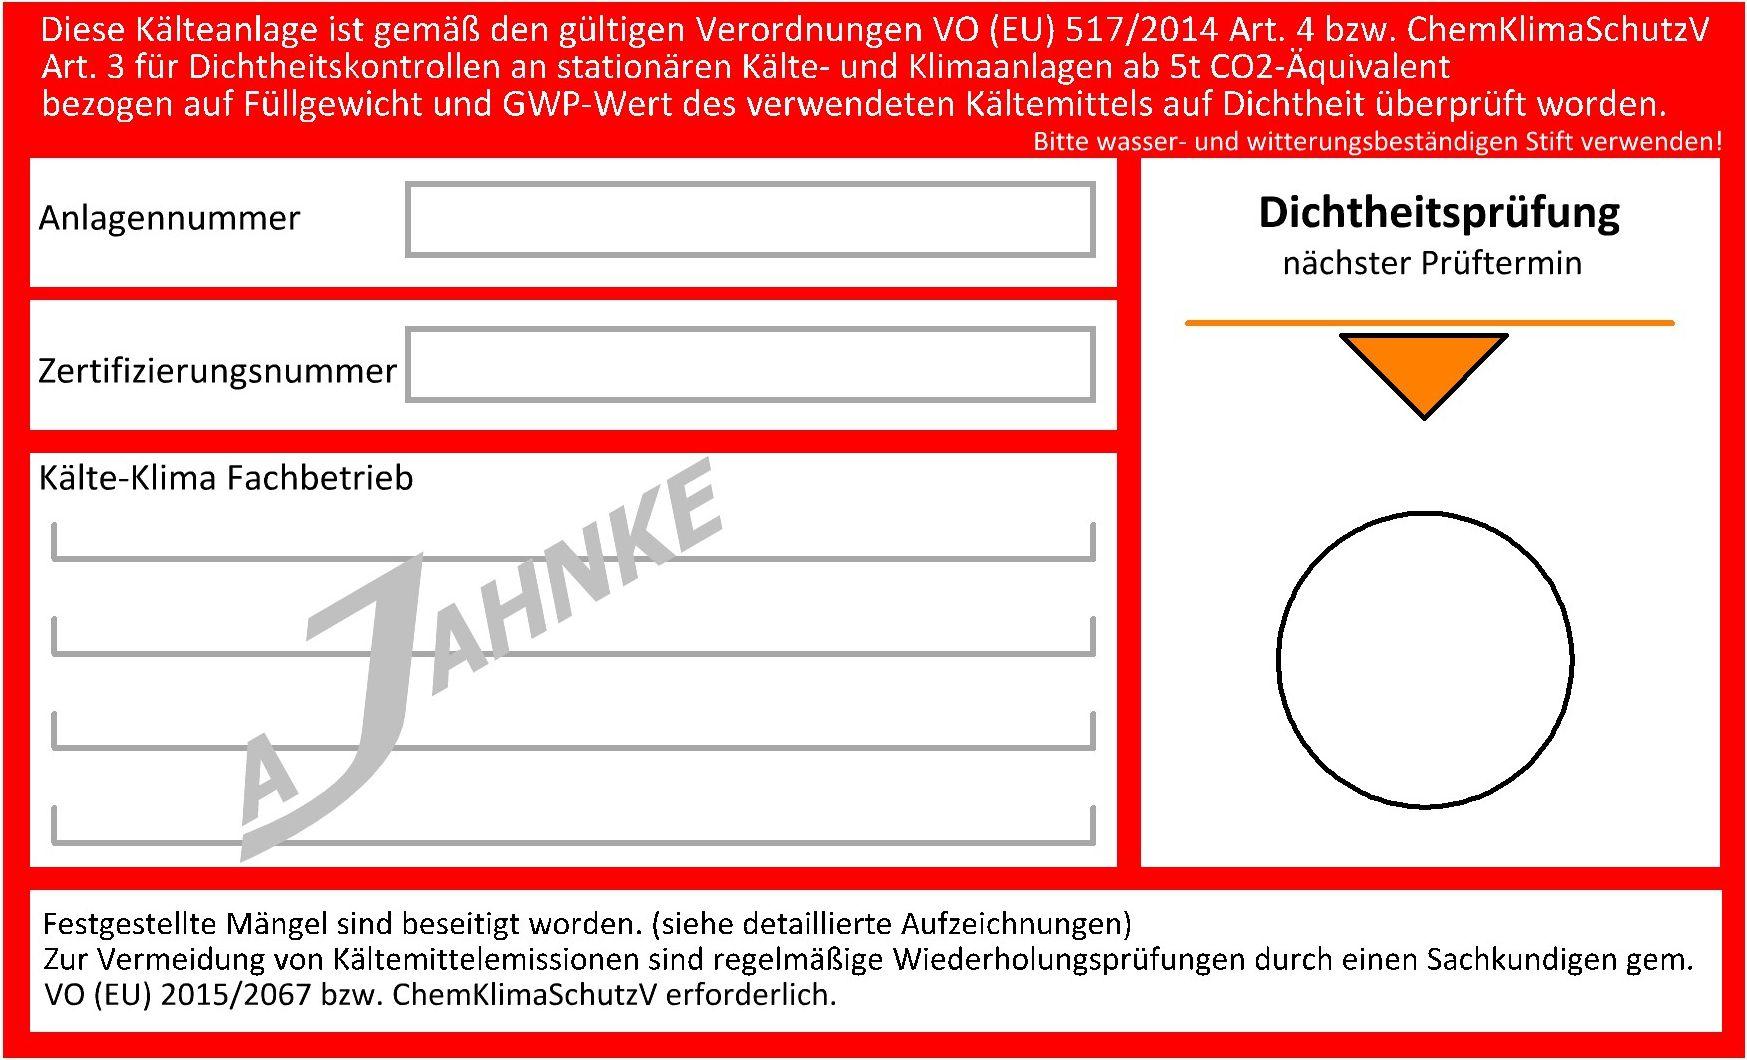 dichtheitsprfungen gem vo eu 5172014 - Bereinstimmungserklrung Muster